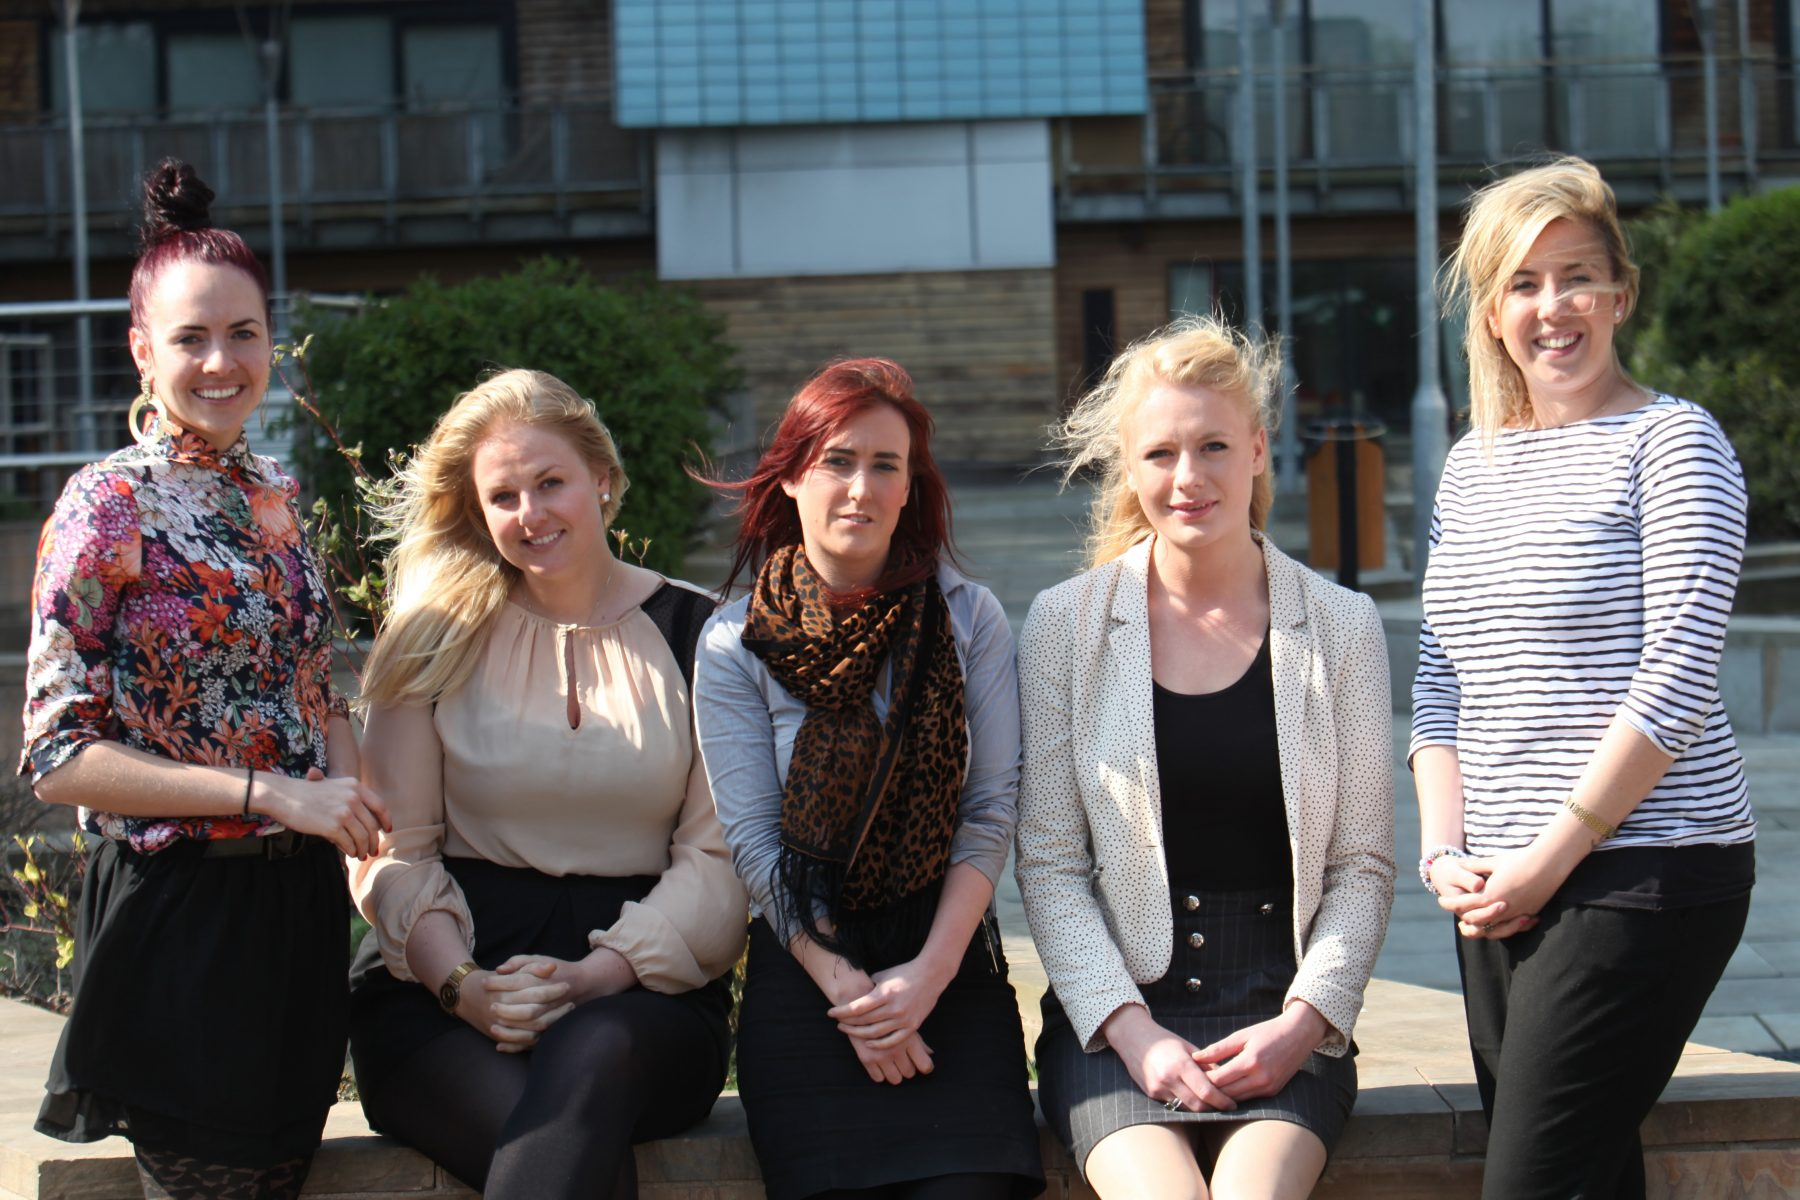 Award winning PR agency team at Holyrood PR in 2012